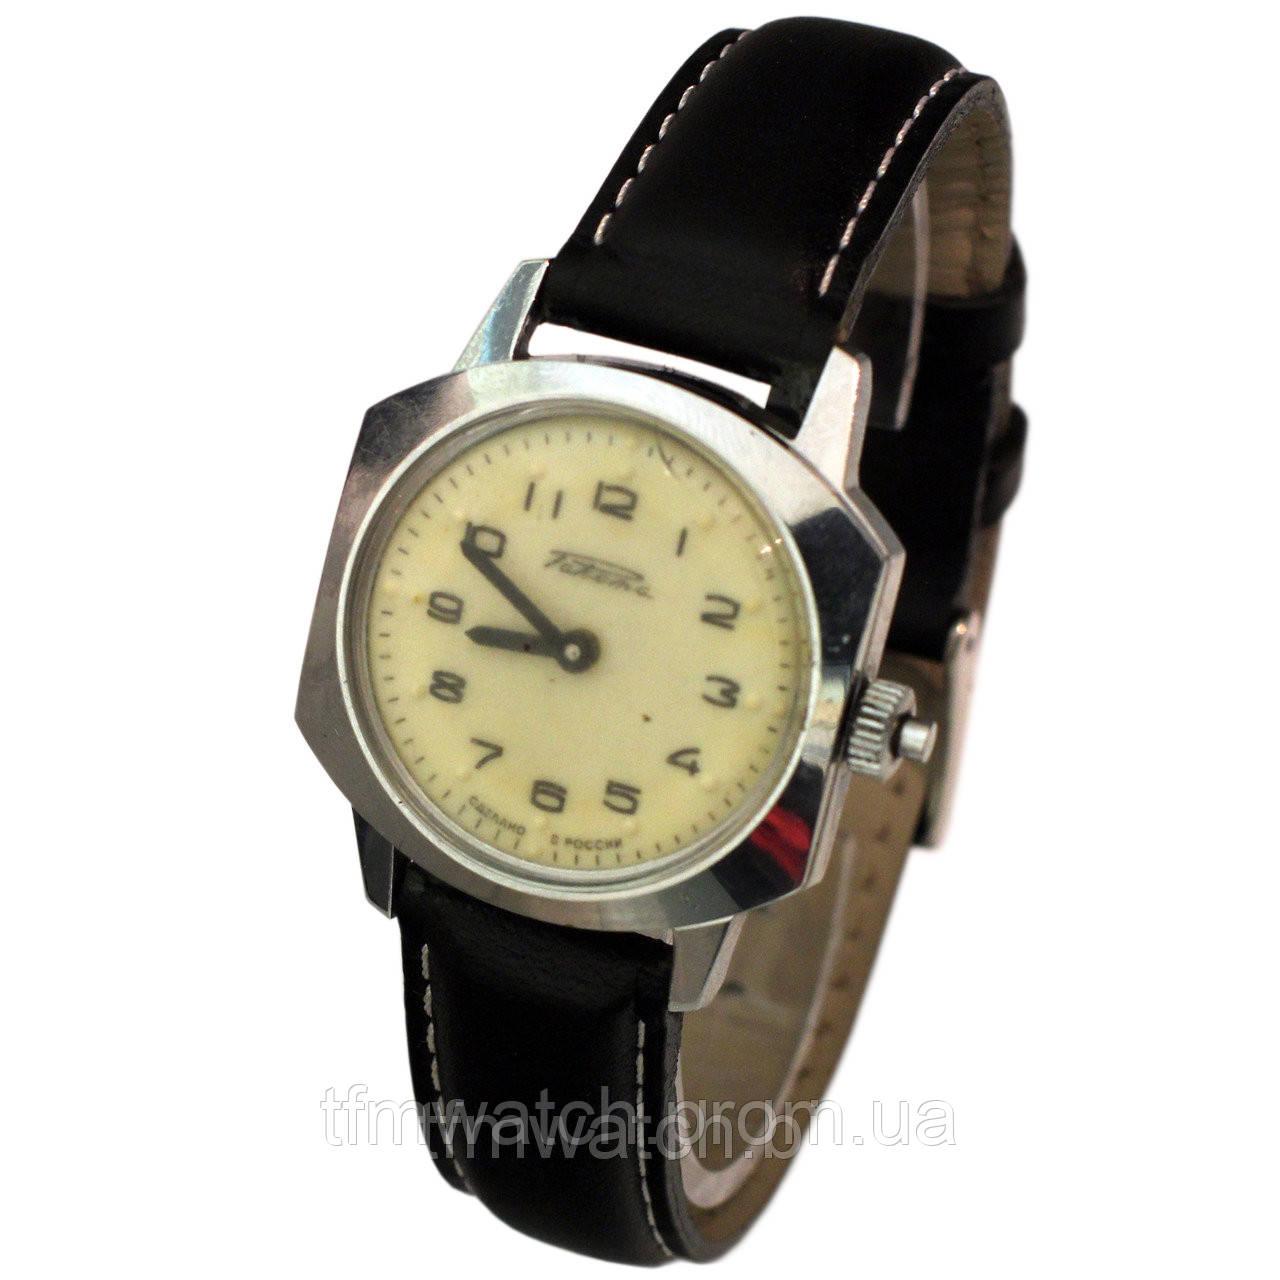 Часы для слабовидящих купить в москве часы наручные браслет бабочка